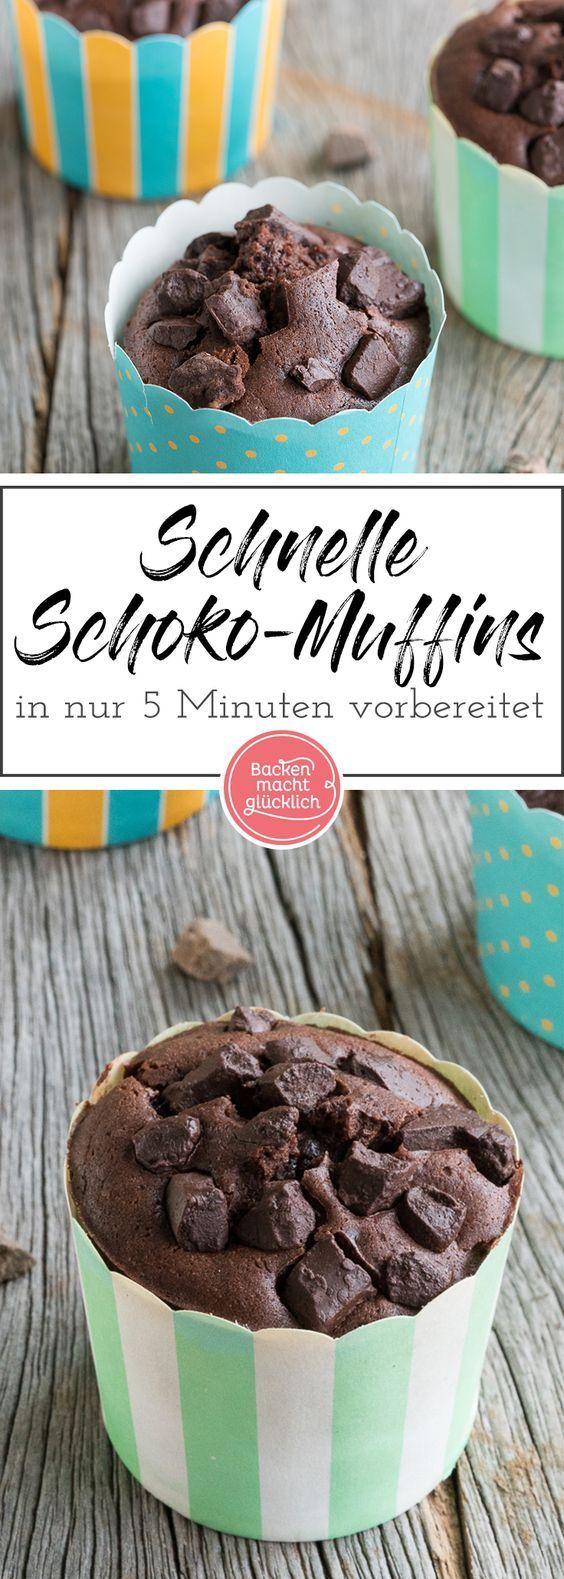 Schnelle Schoko-Muffins | Backen macht glücklich #rührteiggrundrezept